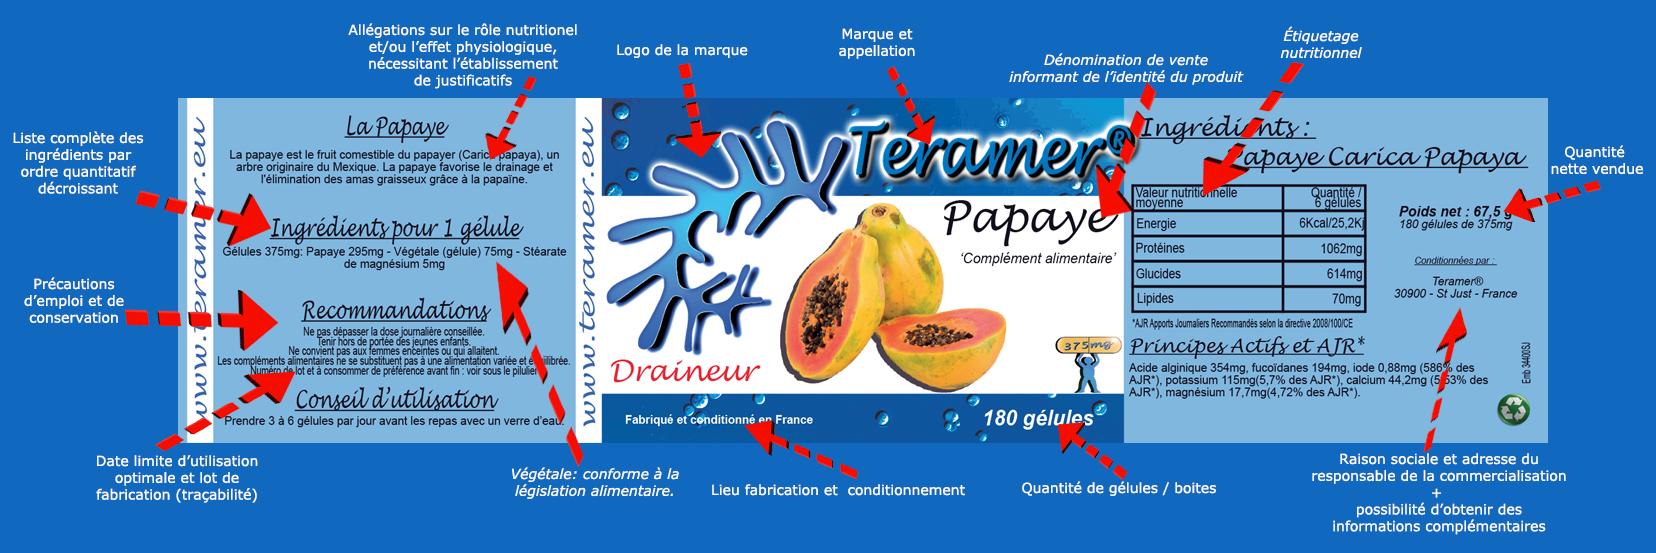 La papaye les garanties d'un compléments alimentaires